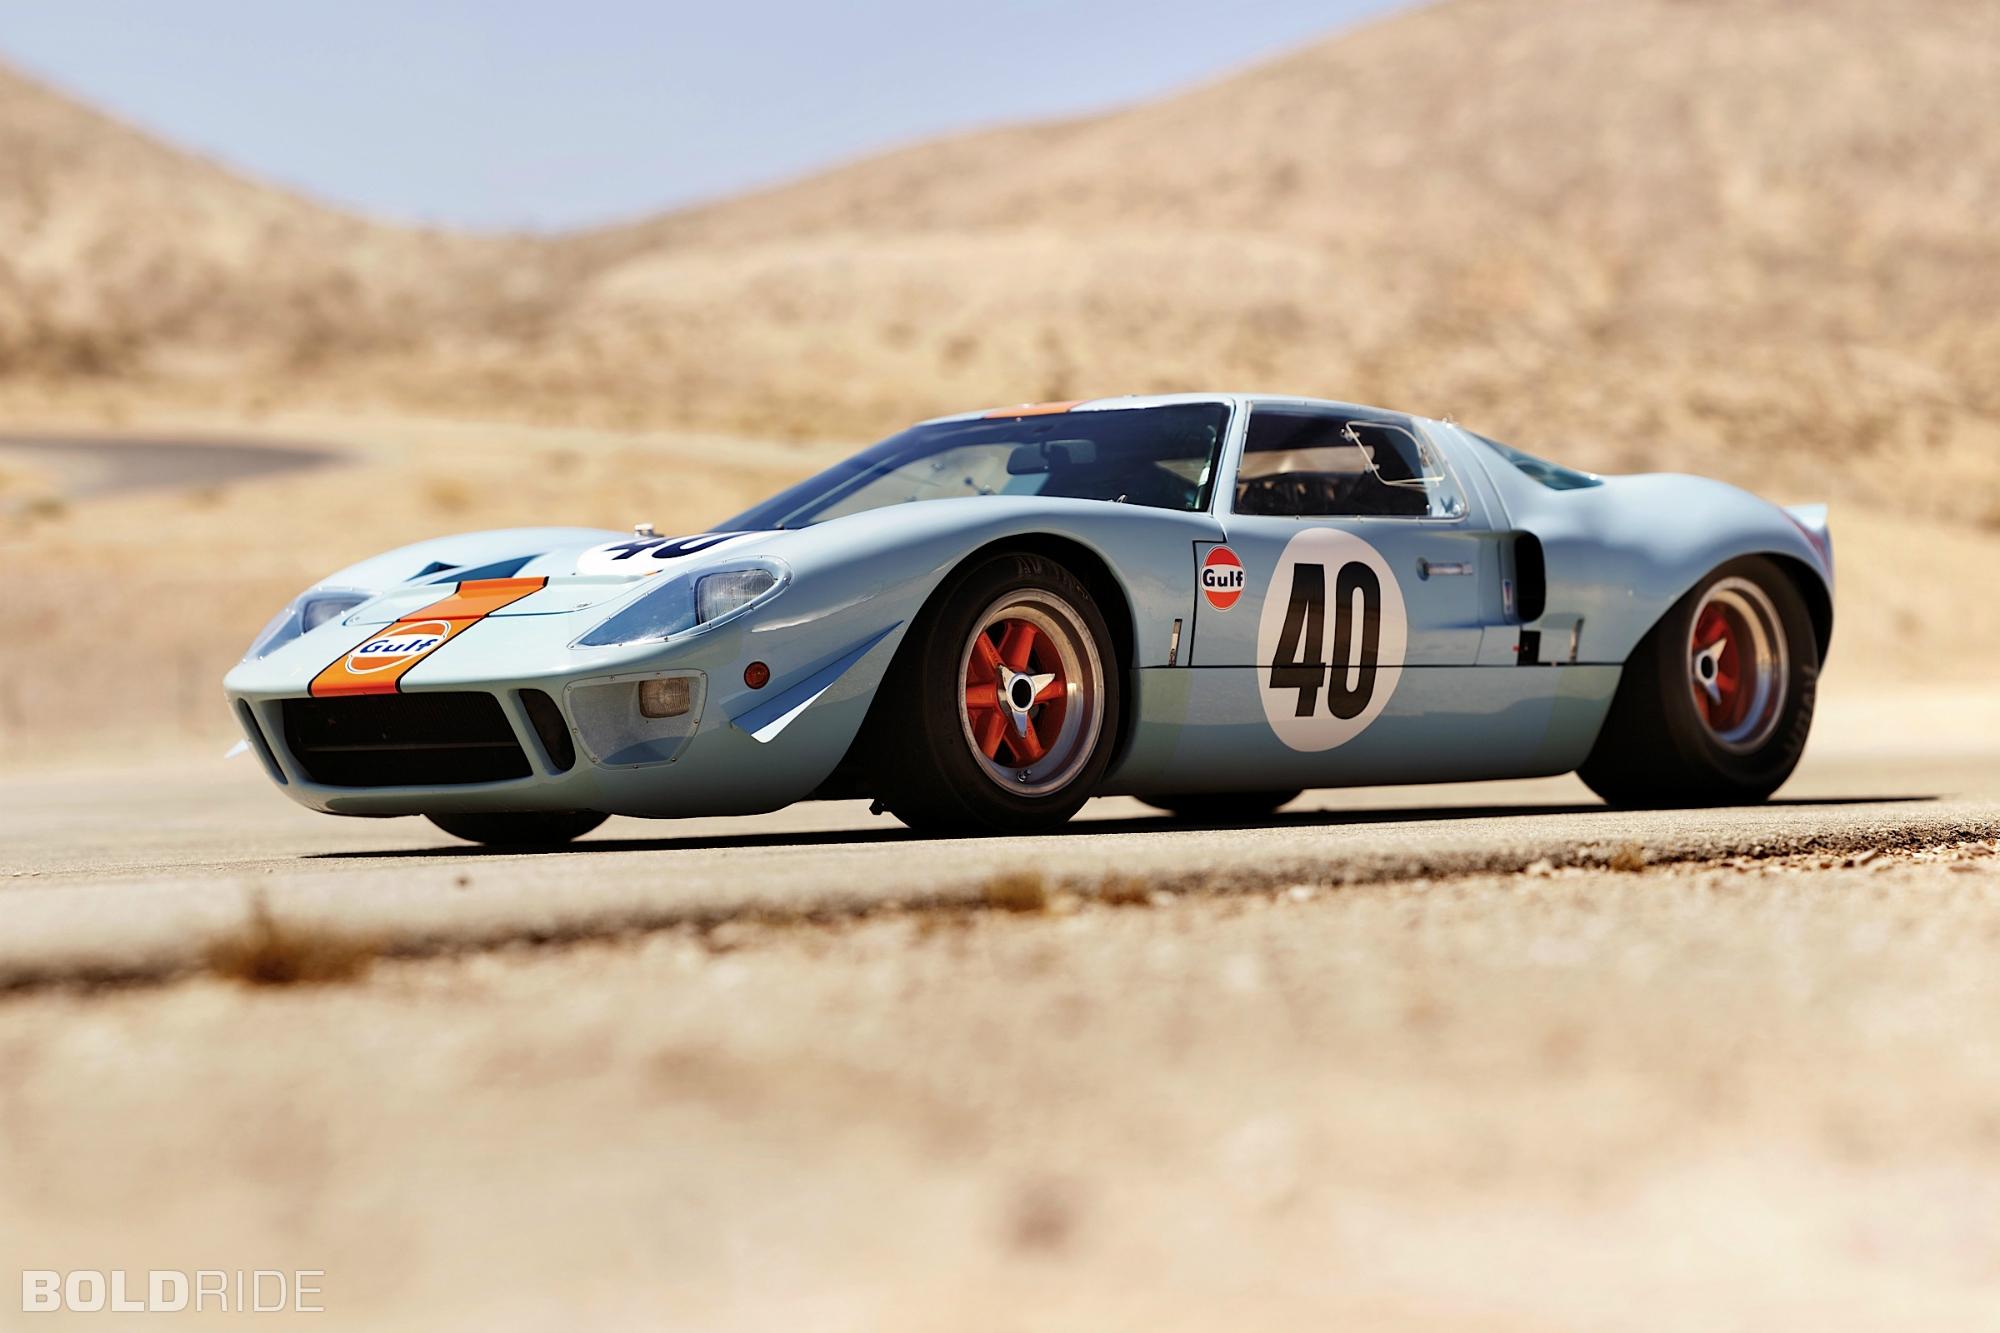 03.1968FordGT40GulfMirageLightweightRacer